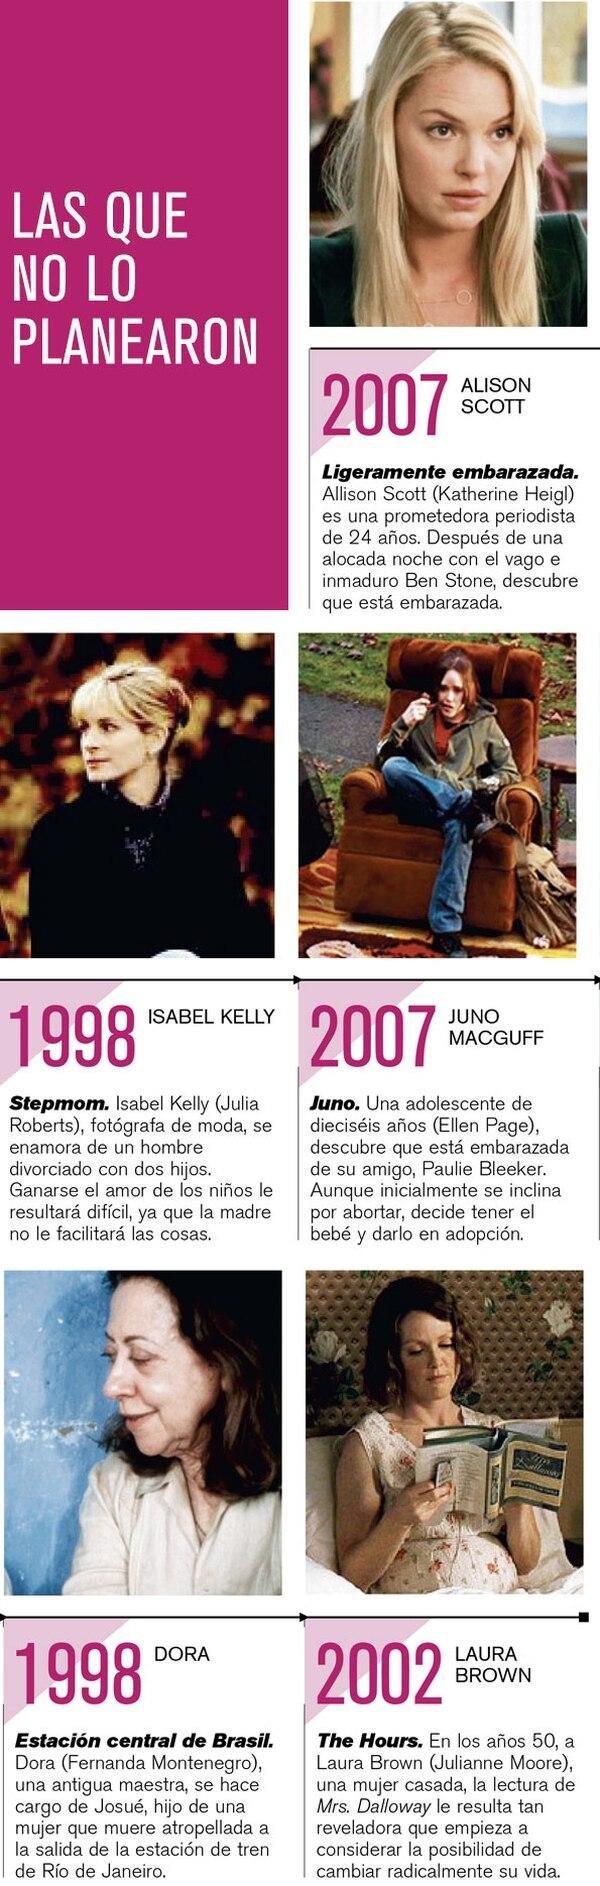 Las 25 mamás que marcaron el cine